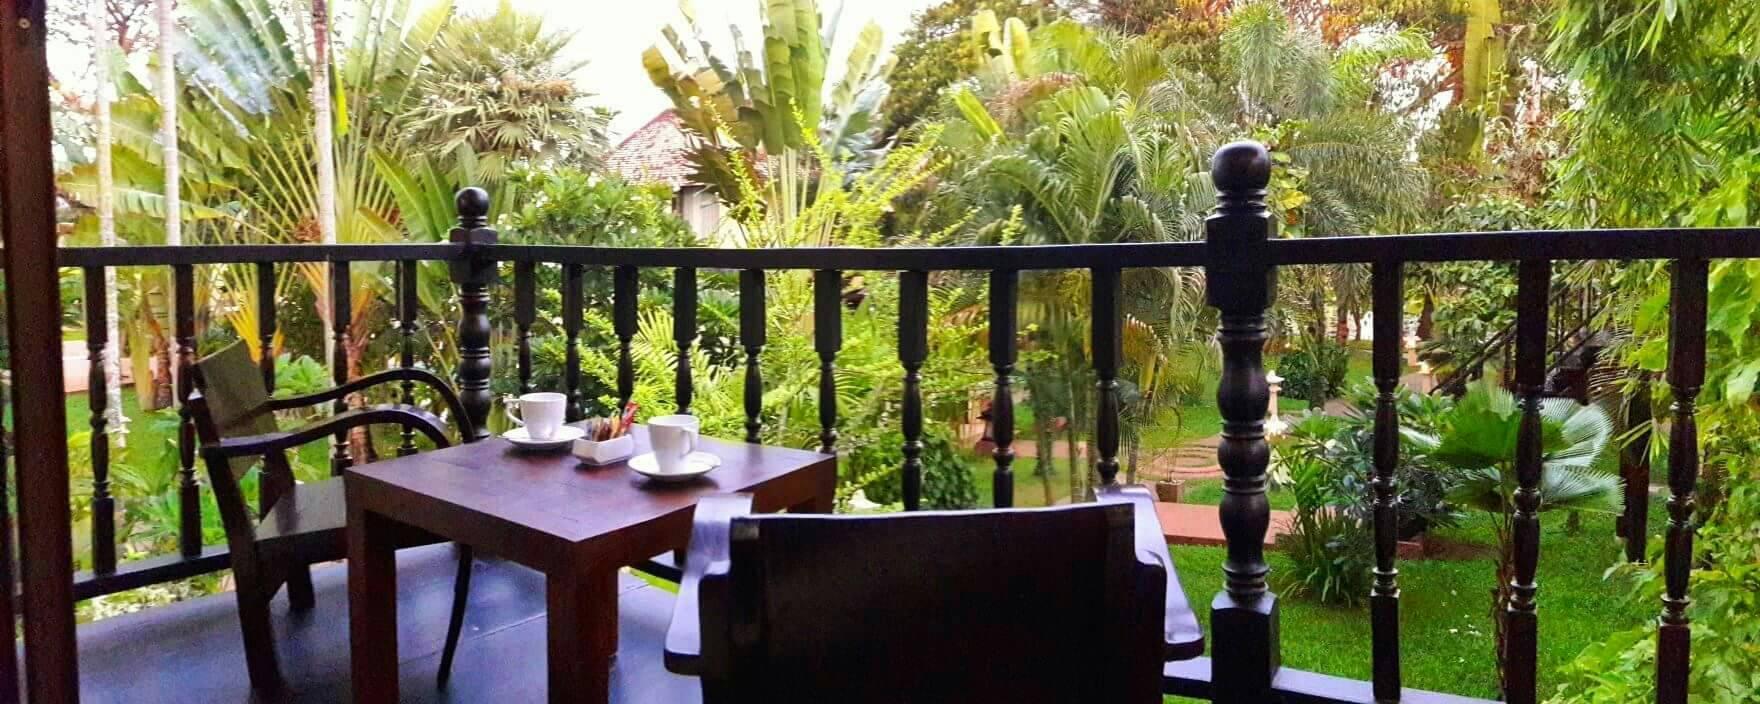 Suwannatara Resort & Spa Chiang Mai ,สุวรรณธารา รีสอร์ต แอนด์ สปา เชียงใหม่